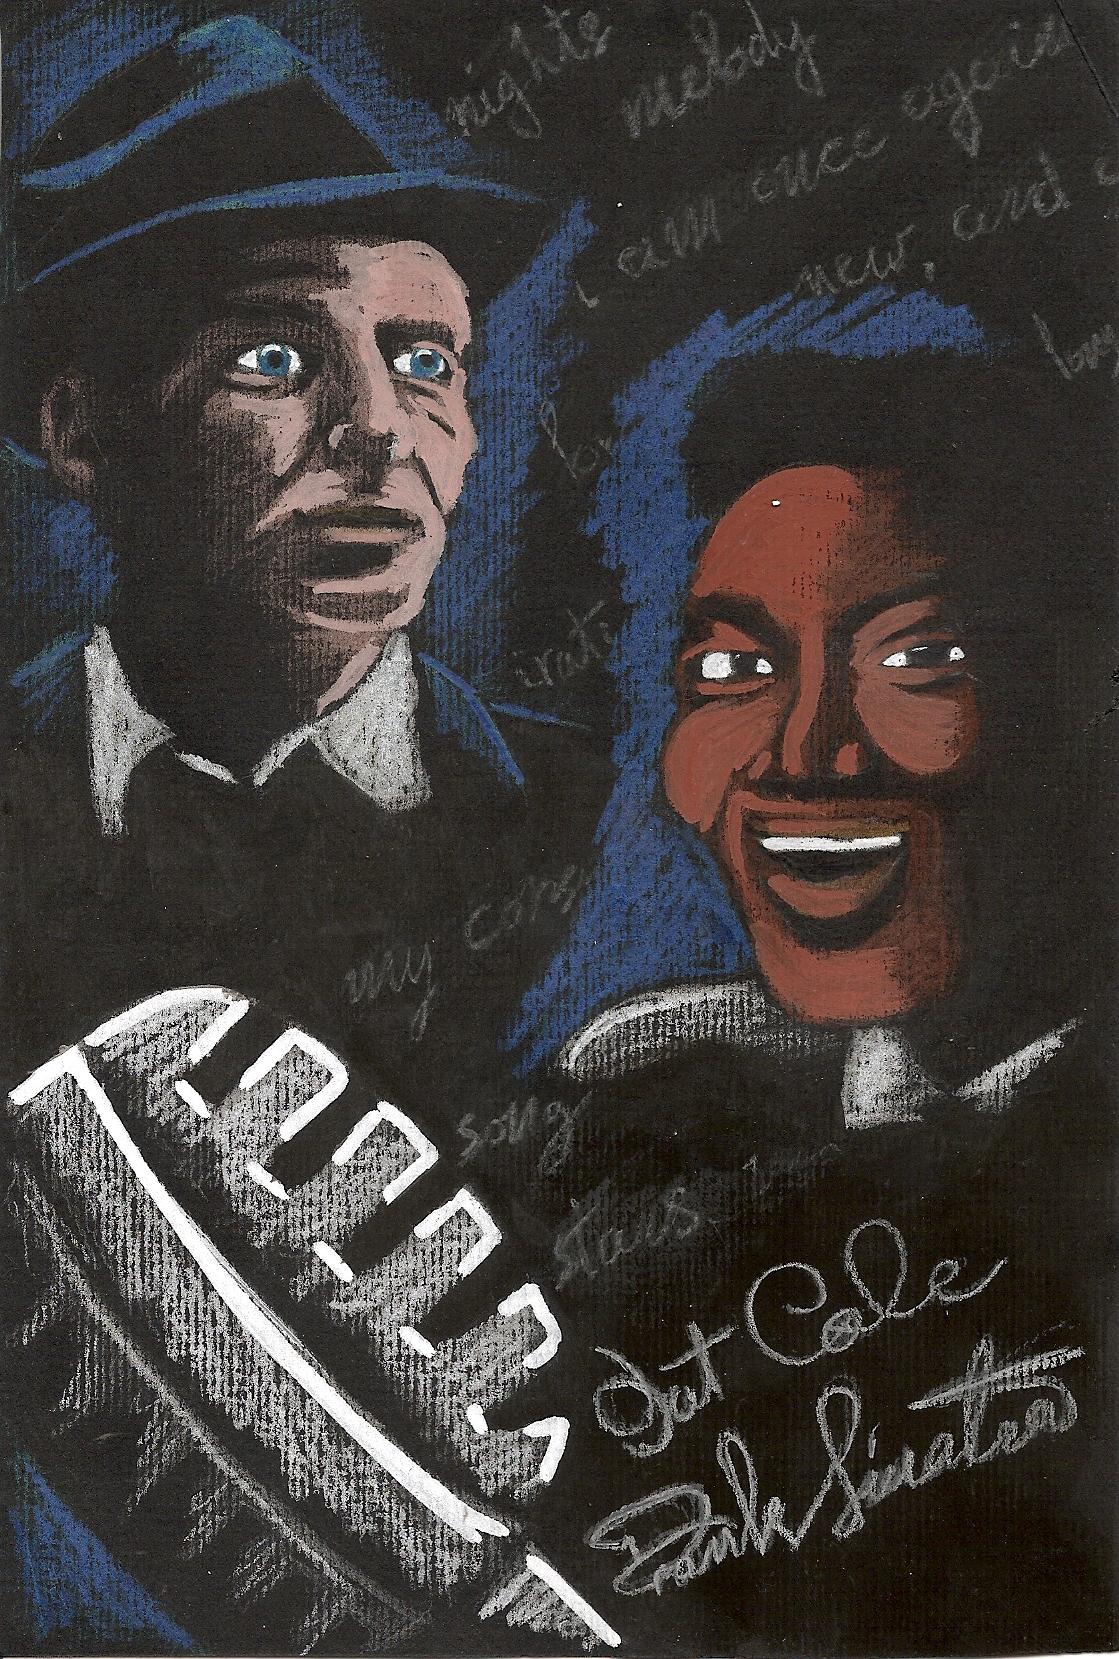 Jazz - Nat Cole and Frank Sinatra